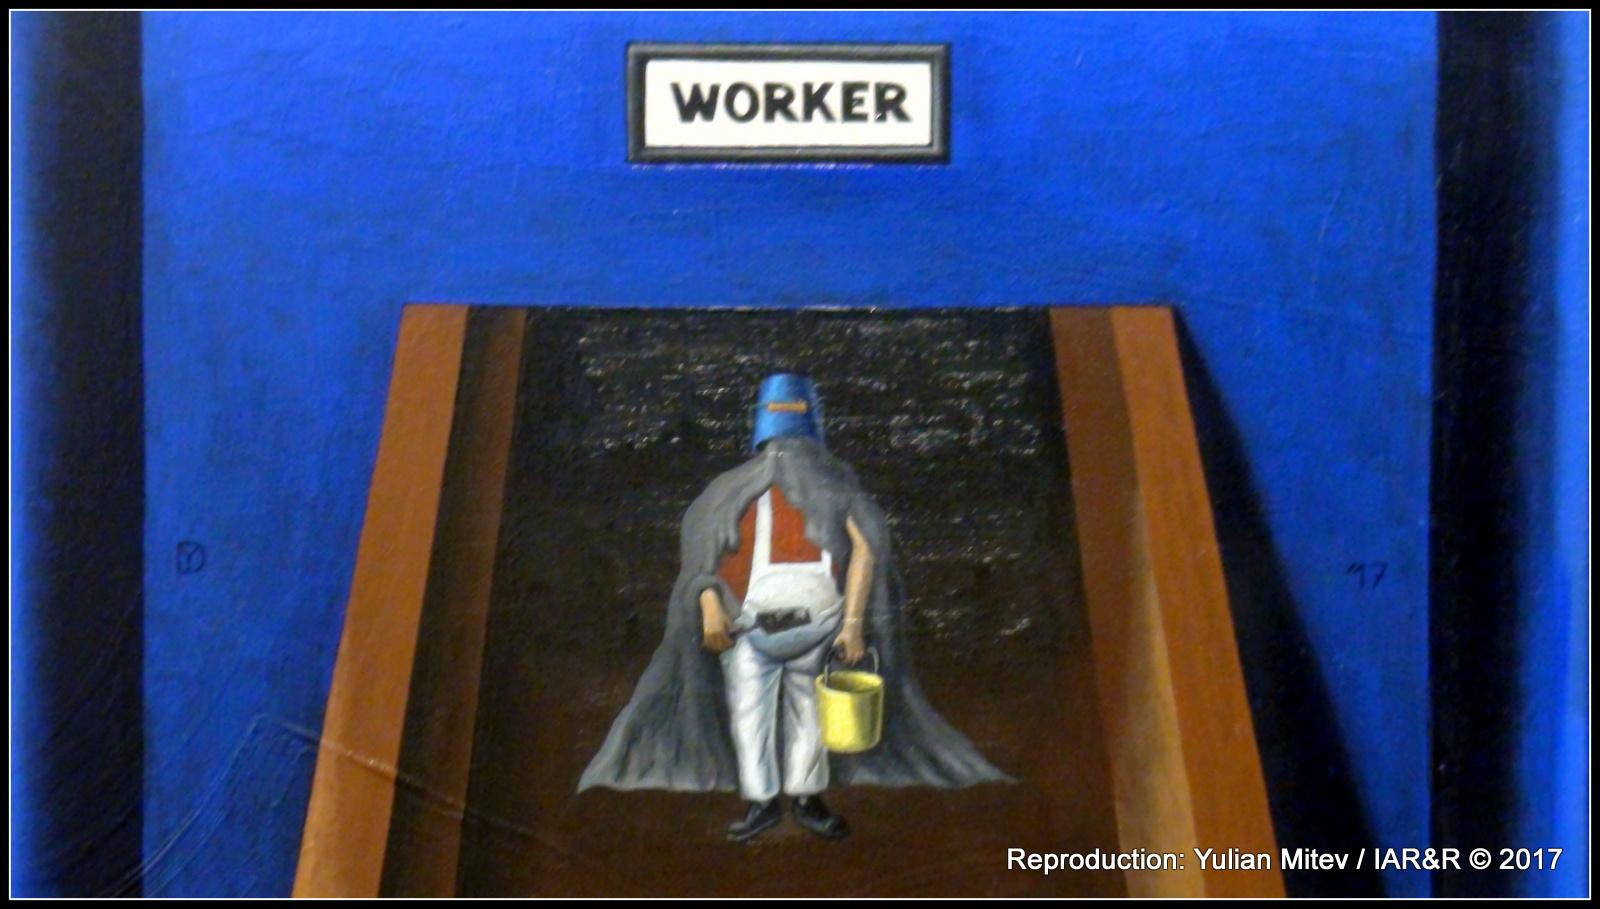 Деян Янев, «WORKER», (фрагмент), маслени бои, платно, 2017 г., 51 х 42 см, естимейт € 800, провенанс – ателието на художника